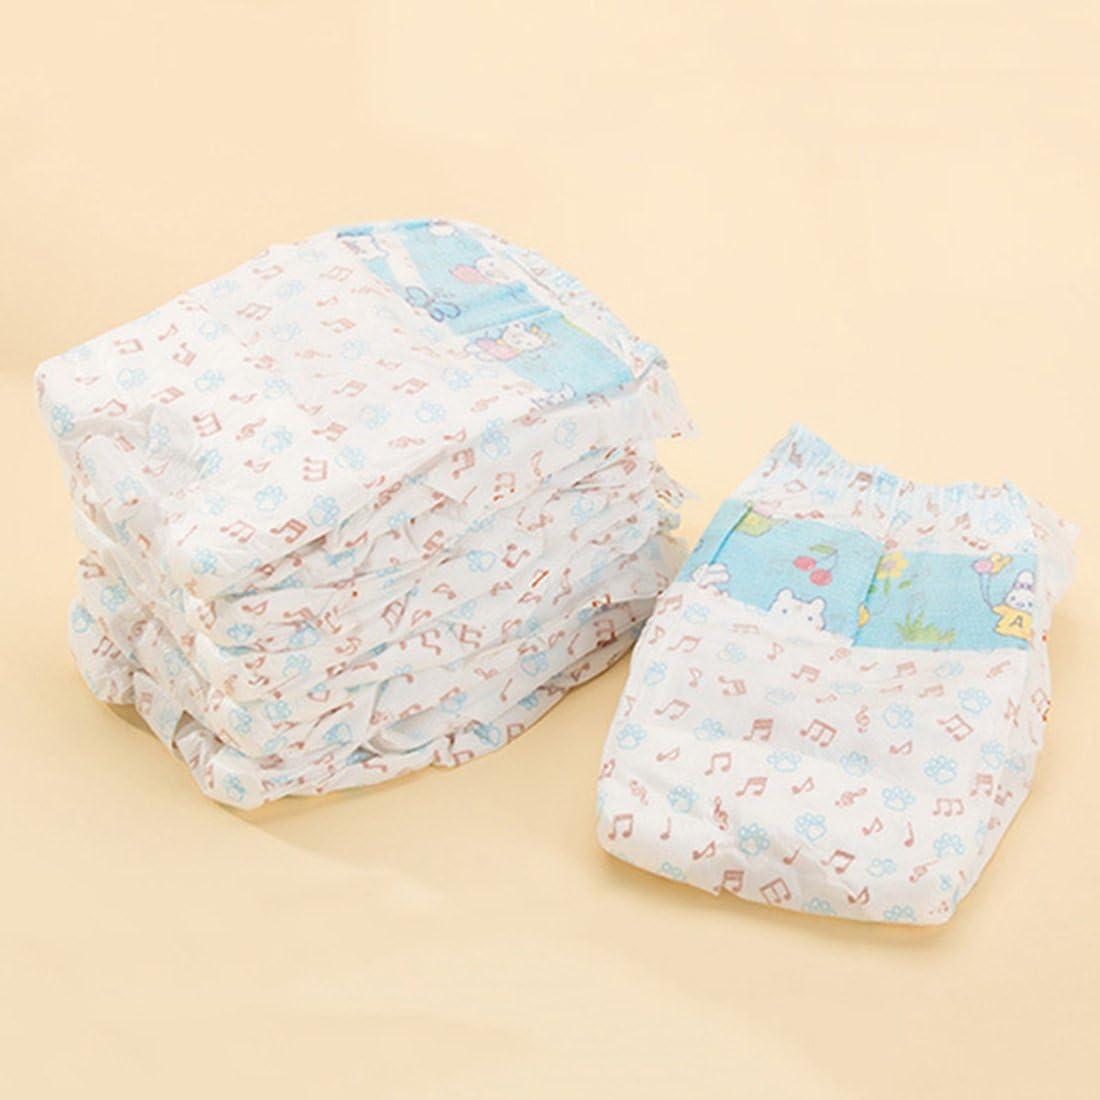 para perros y hembras Pa/ñales desechables para perras de Weichuang absorbentes